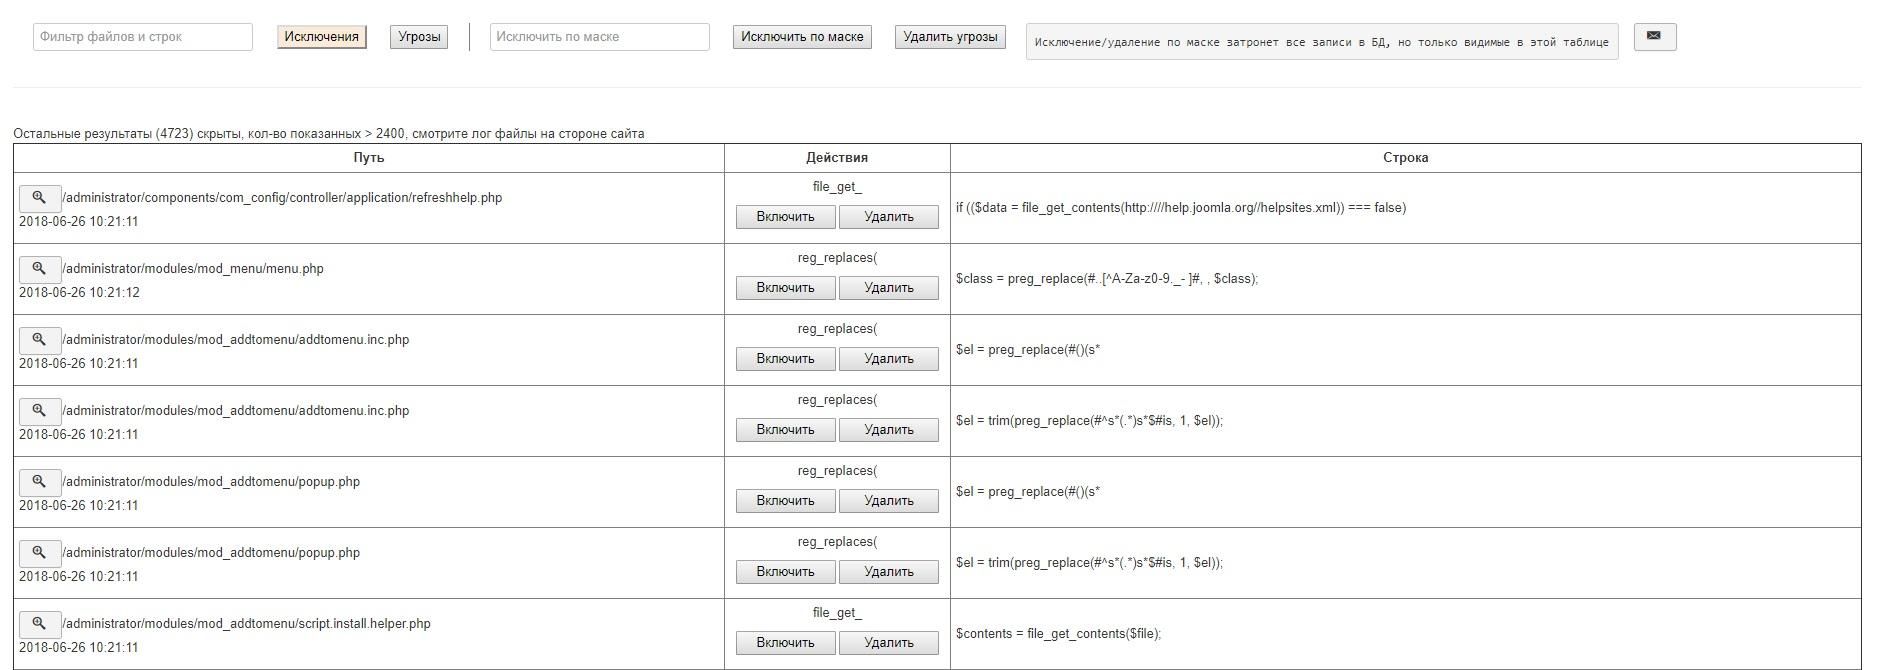 Список найденных угроз(функций)